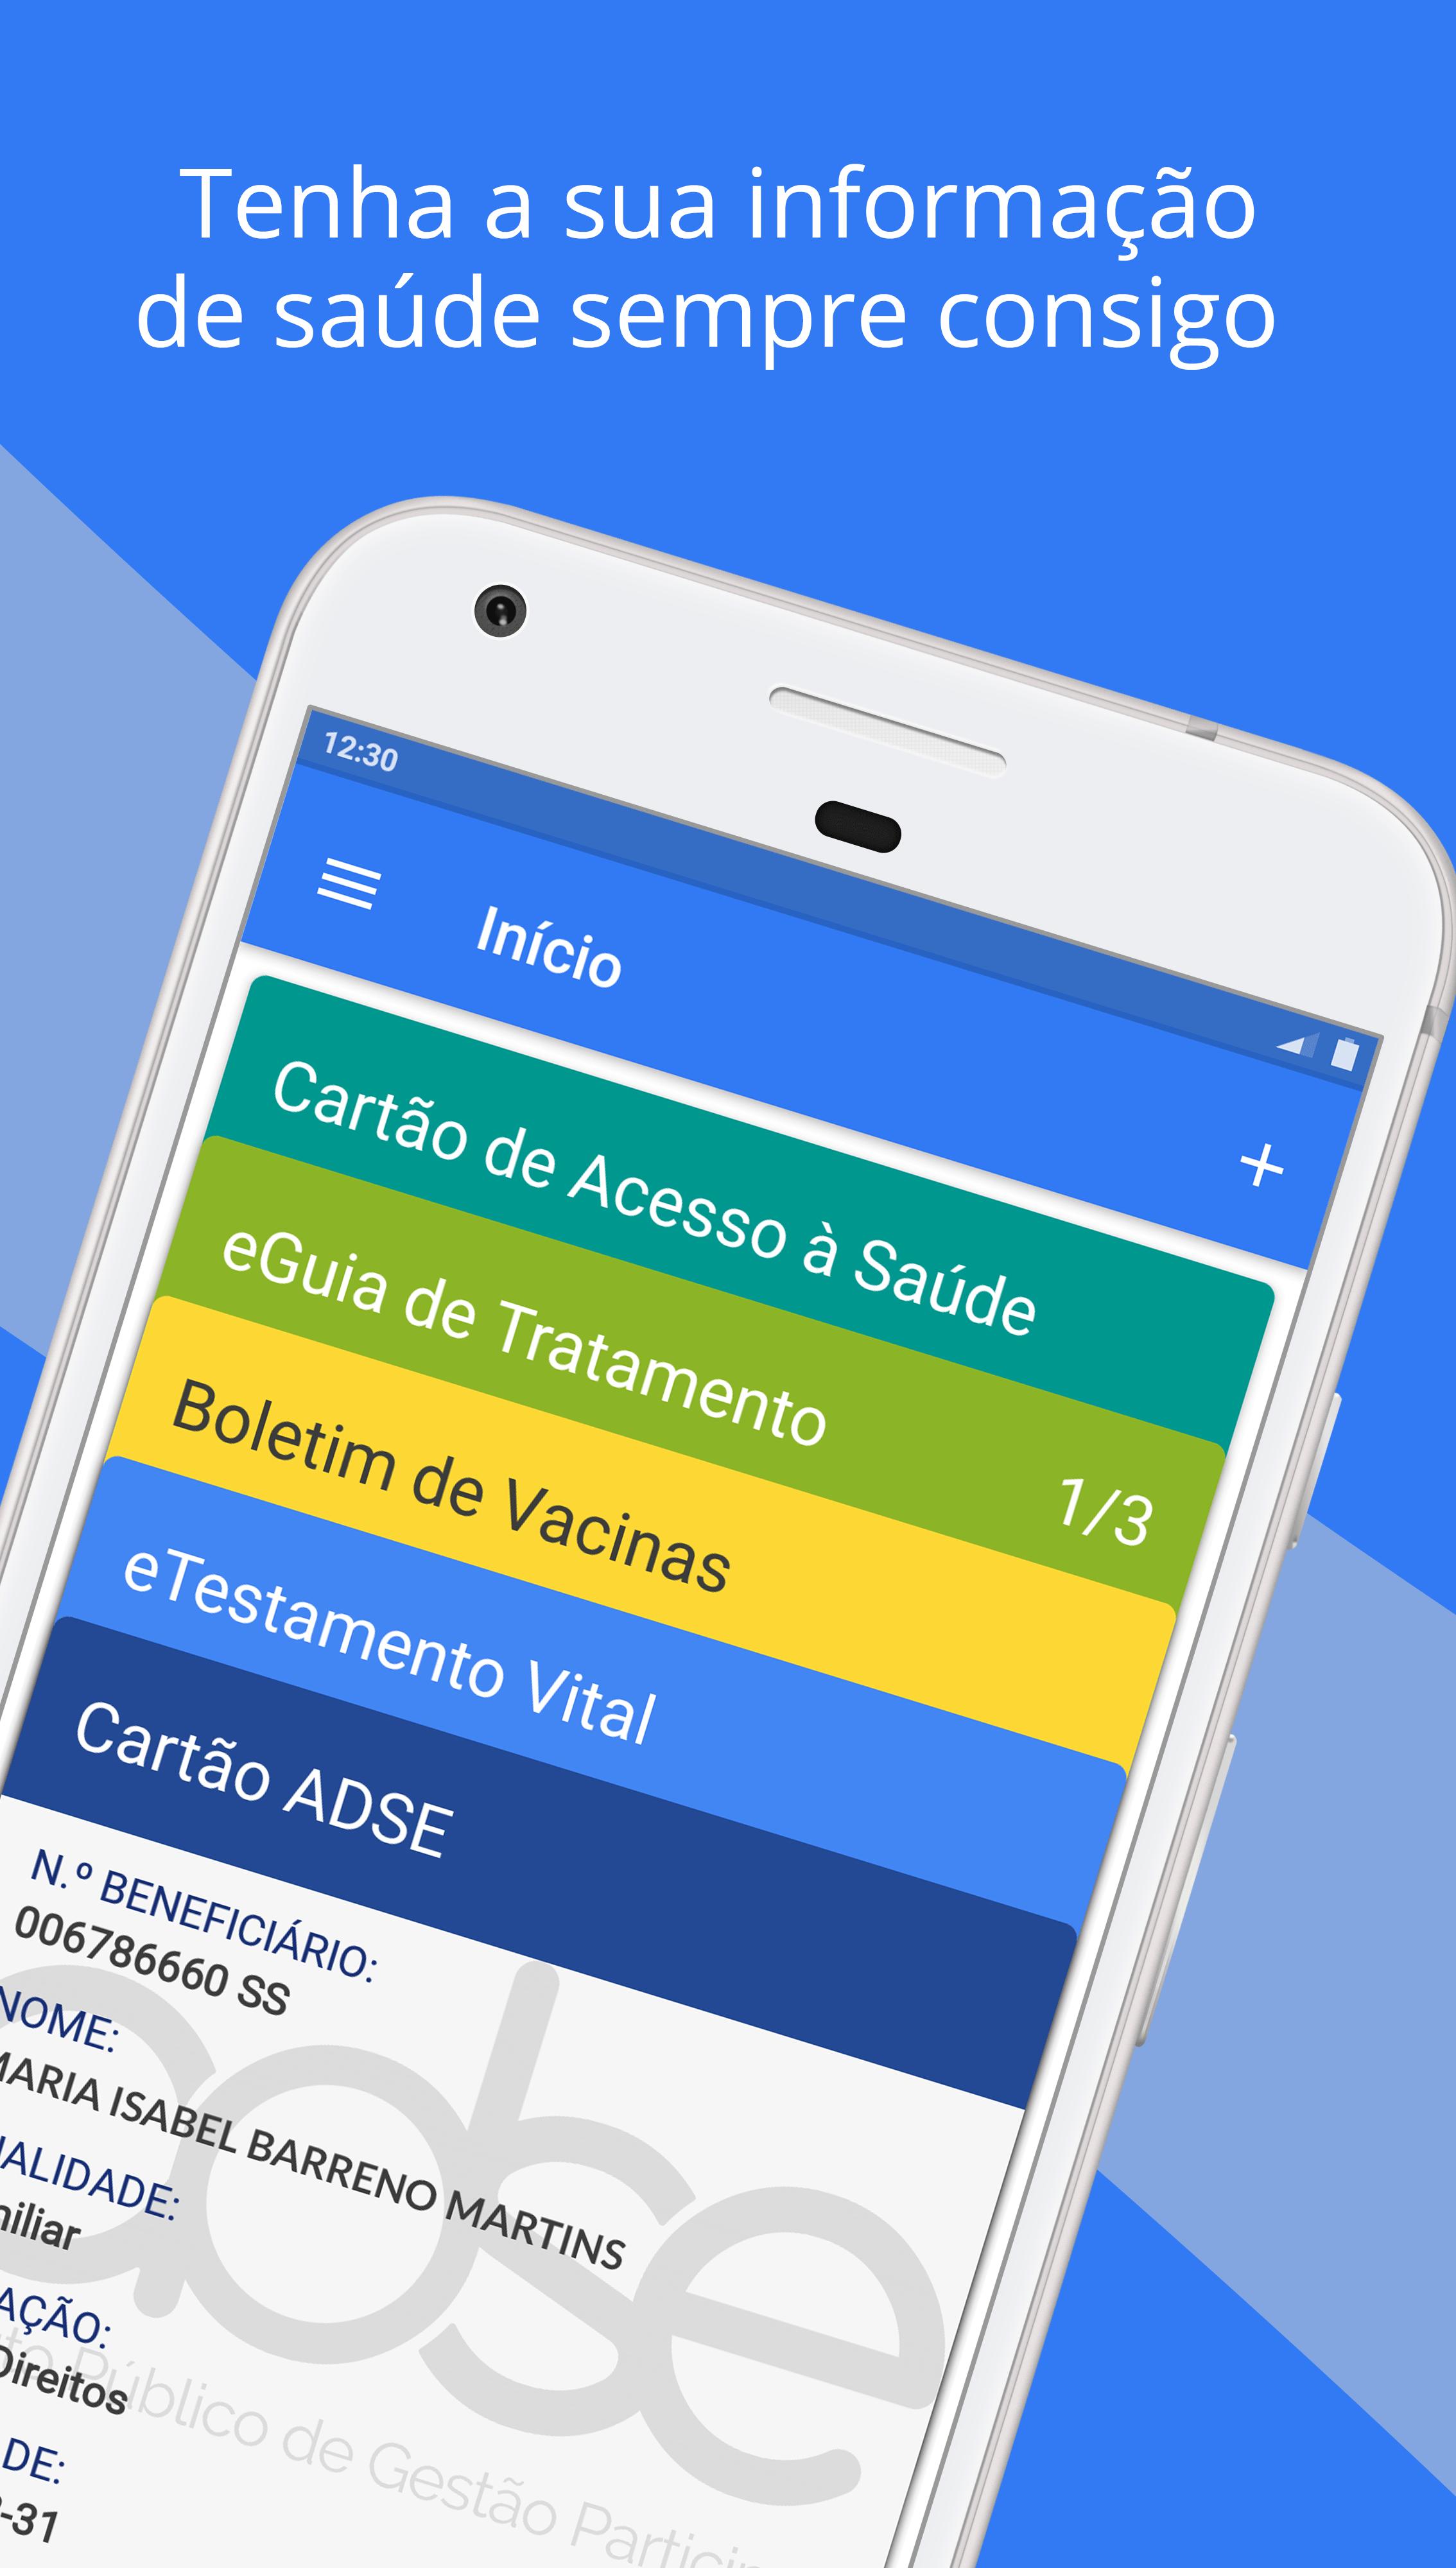 336c405b0 Construída de acordo com o interesse do cidadão, a MySNS Carteira reúne a  informação de saúde do cidadão numa aplicação residente no seu smartphone.